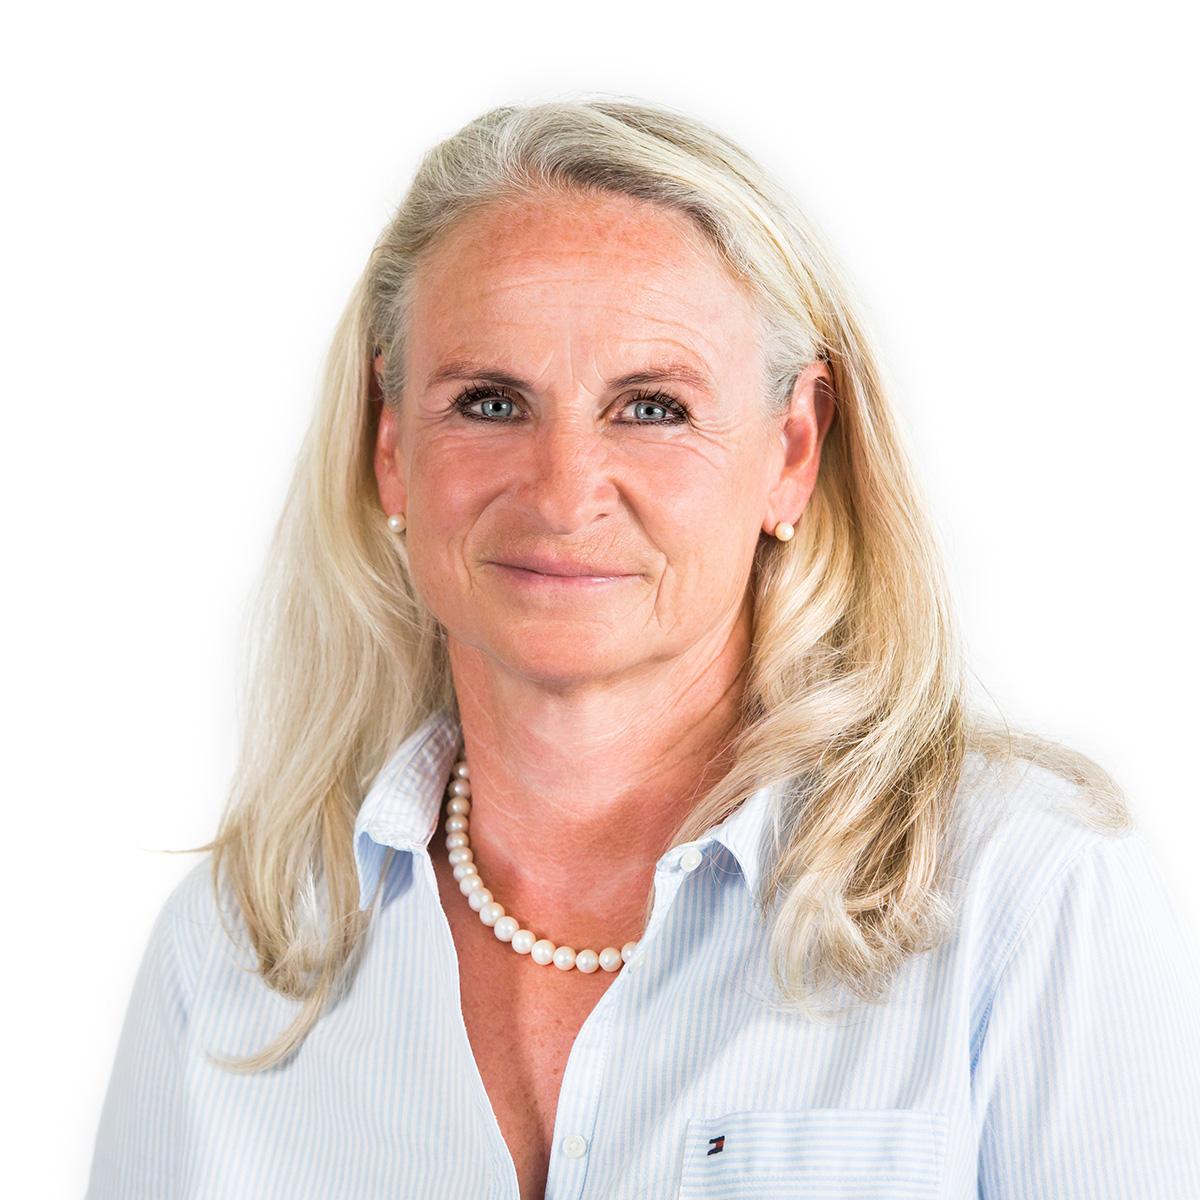 Kerstin Hahn